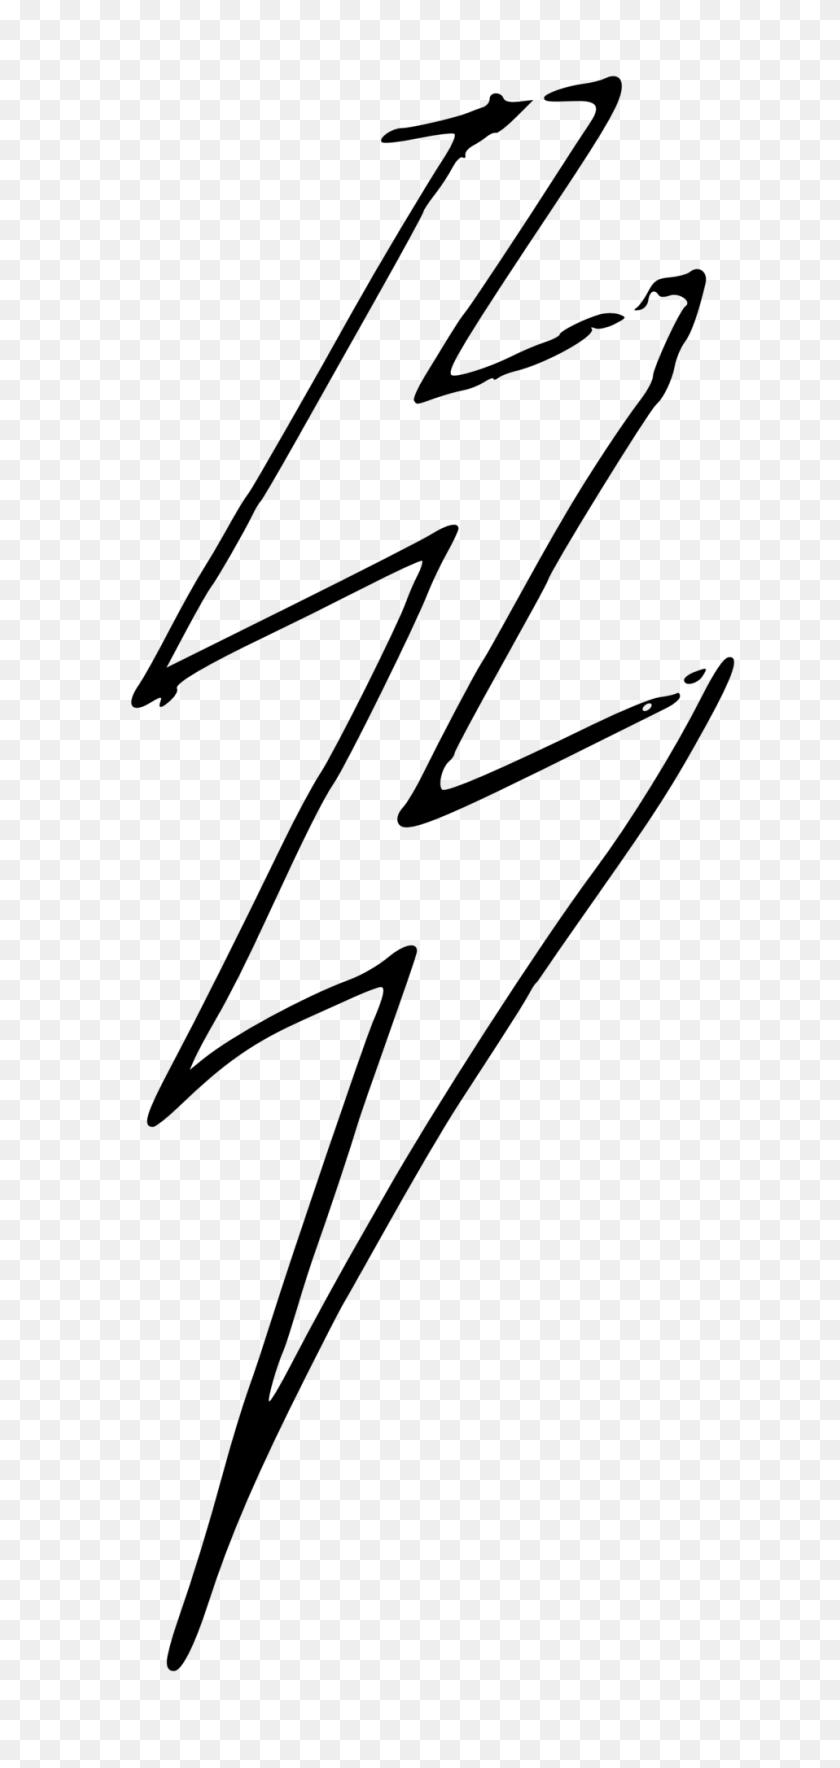 Bolt Clipart